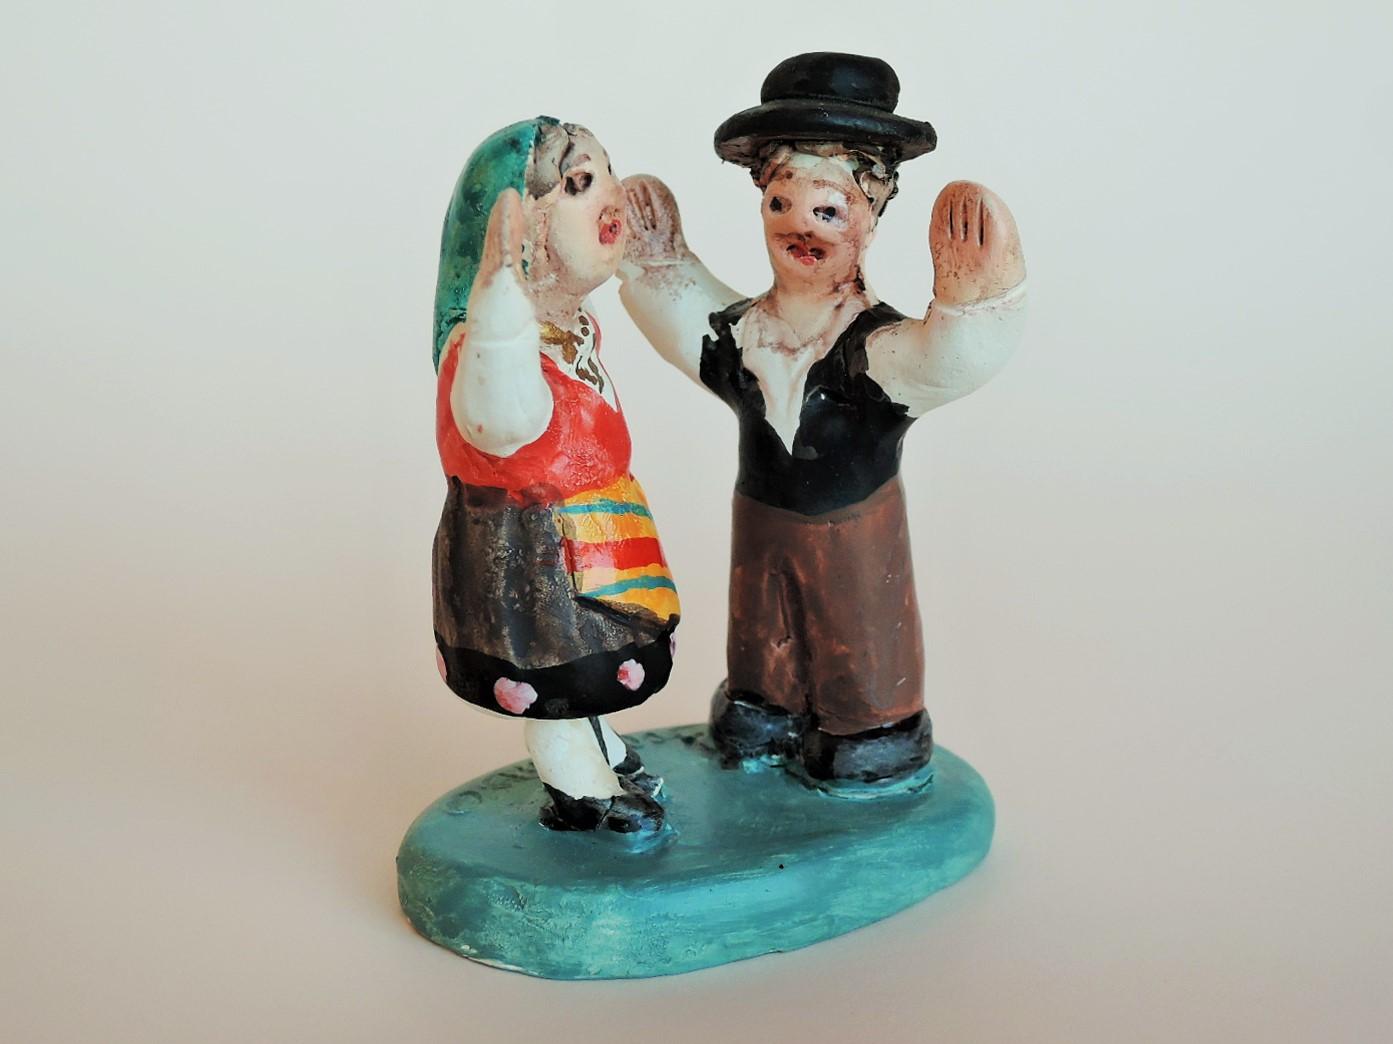 Fernando Morgado ポルトガル陶器人形 仲良し夫婦